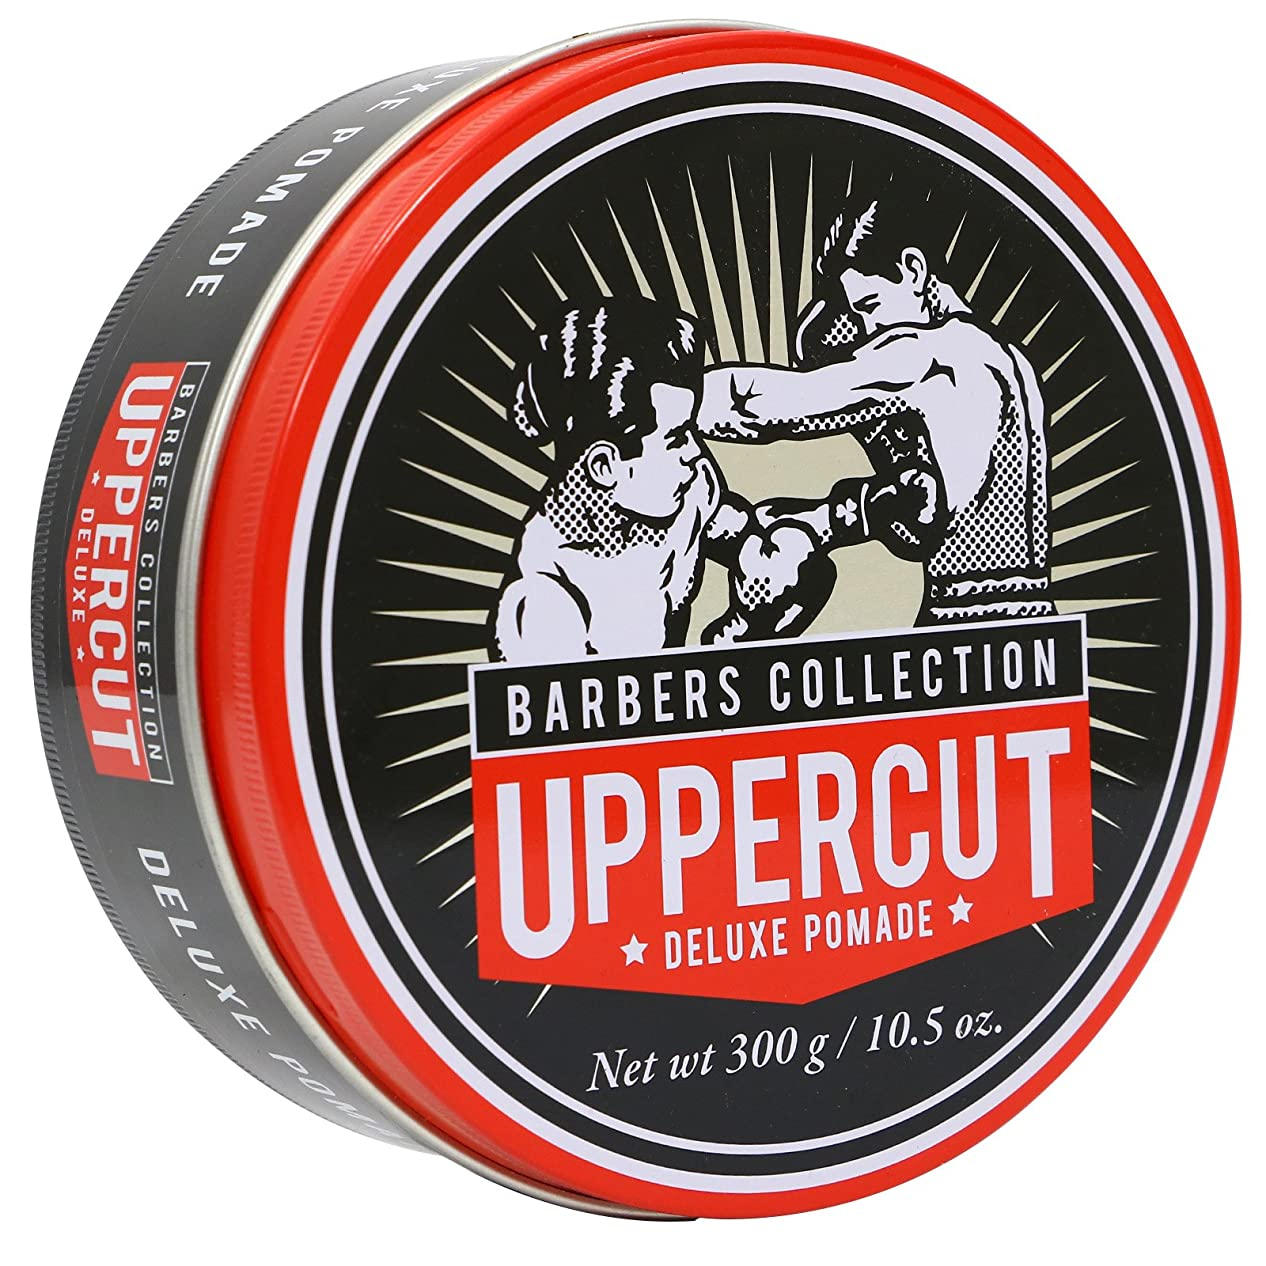 一般的な皮故障中Uppercut Deluxe Barbers Collection Deluxe Pomade 300g/10.5oz並行輸入品